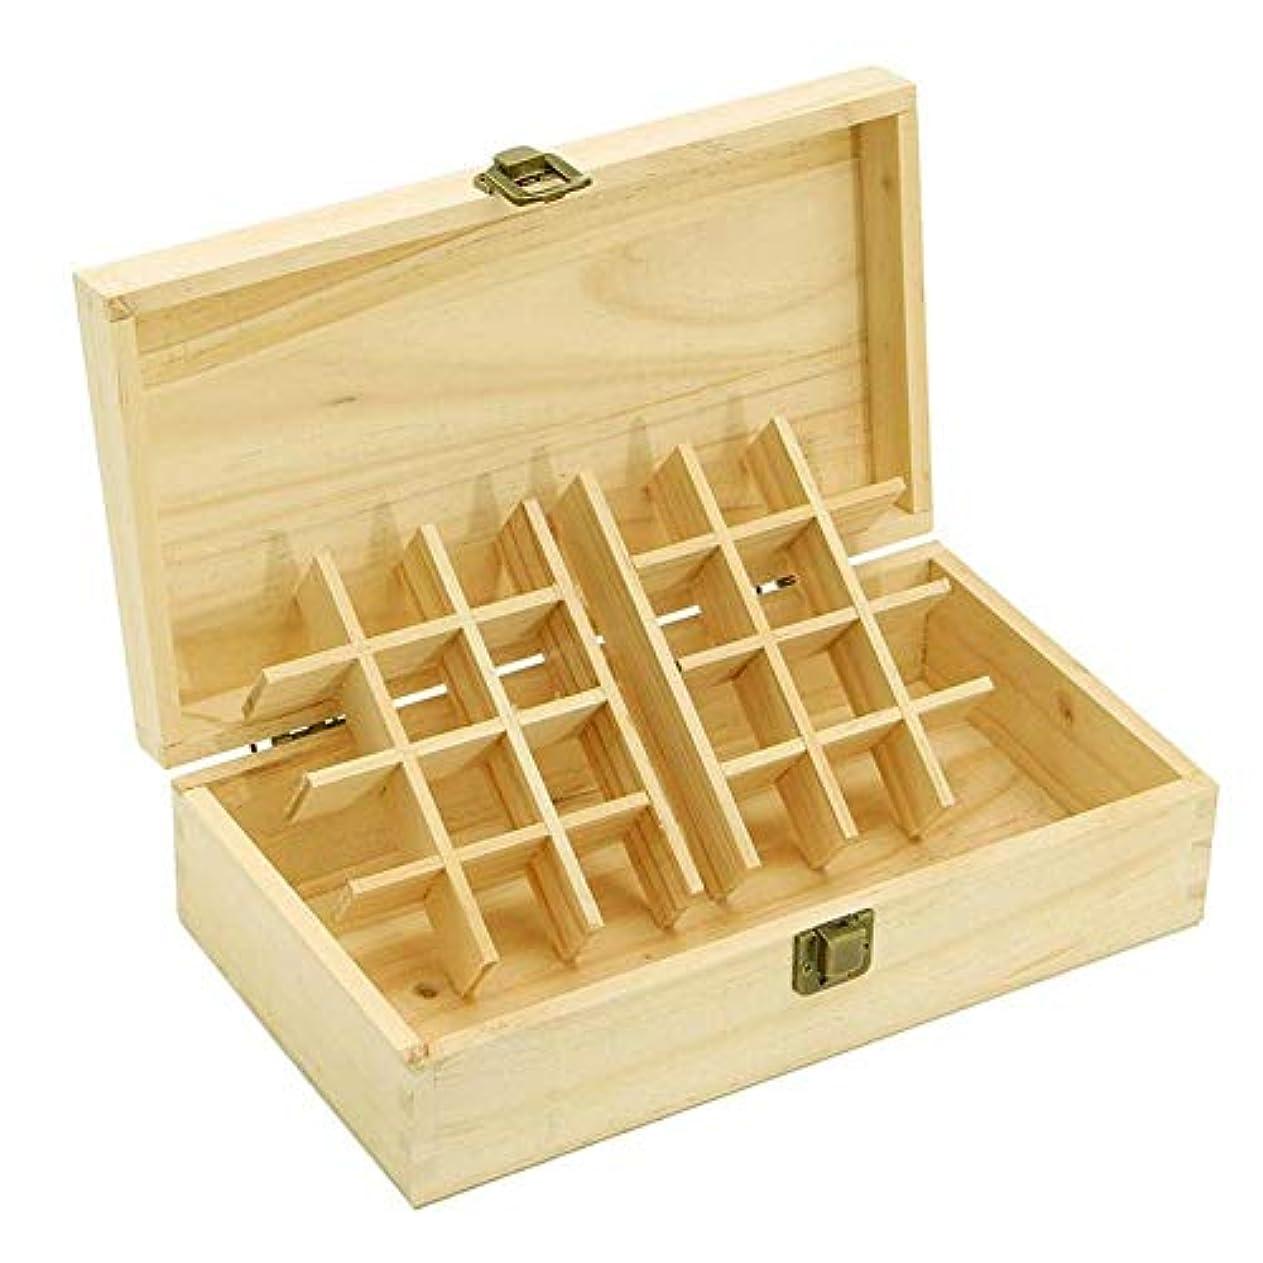 アンソロジーカーテンタイルエッセンシャルオイル収納ボックス 純木の精油の収納箱 香水収納ケース アロマオイル収納ボックス